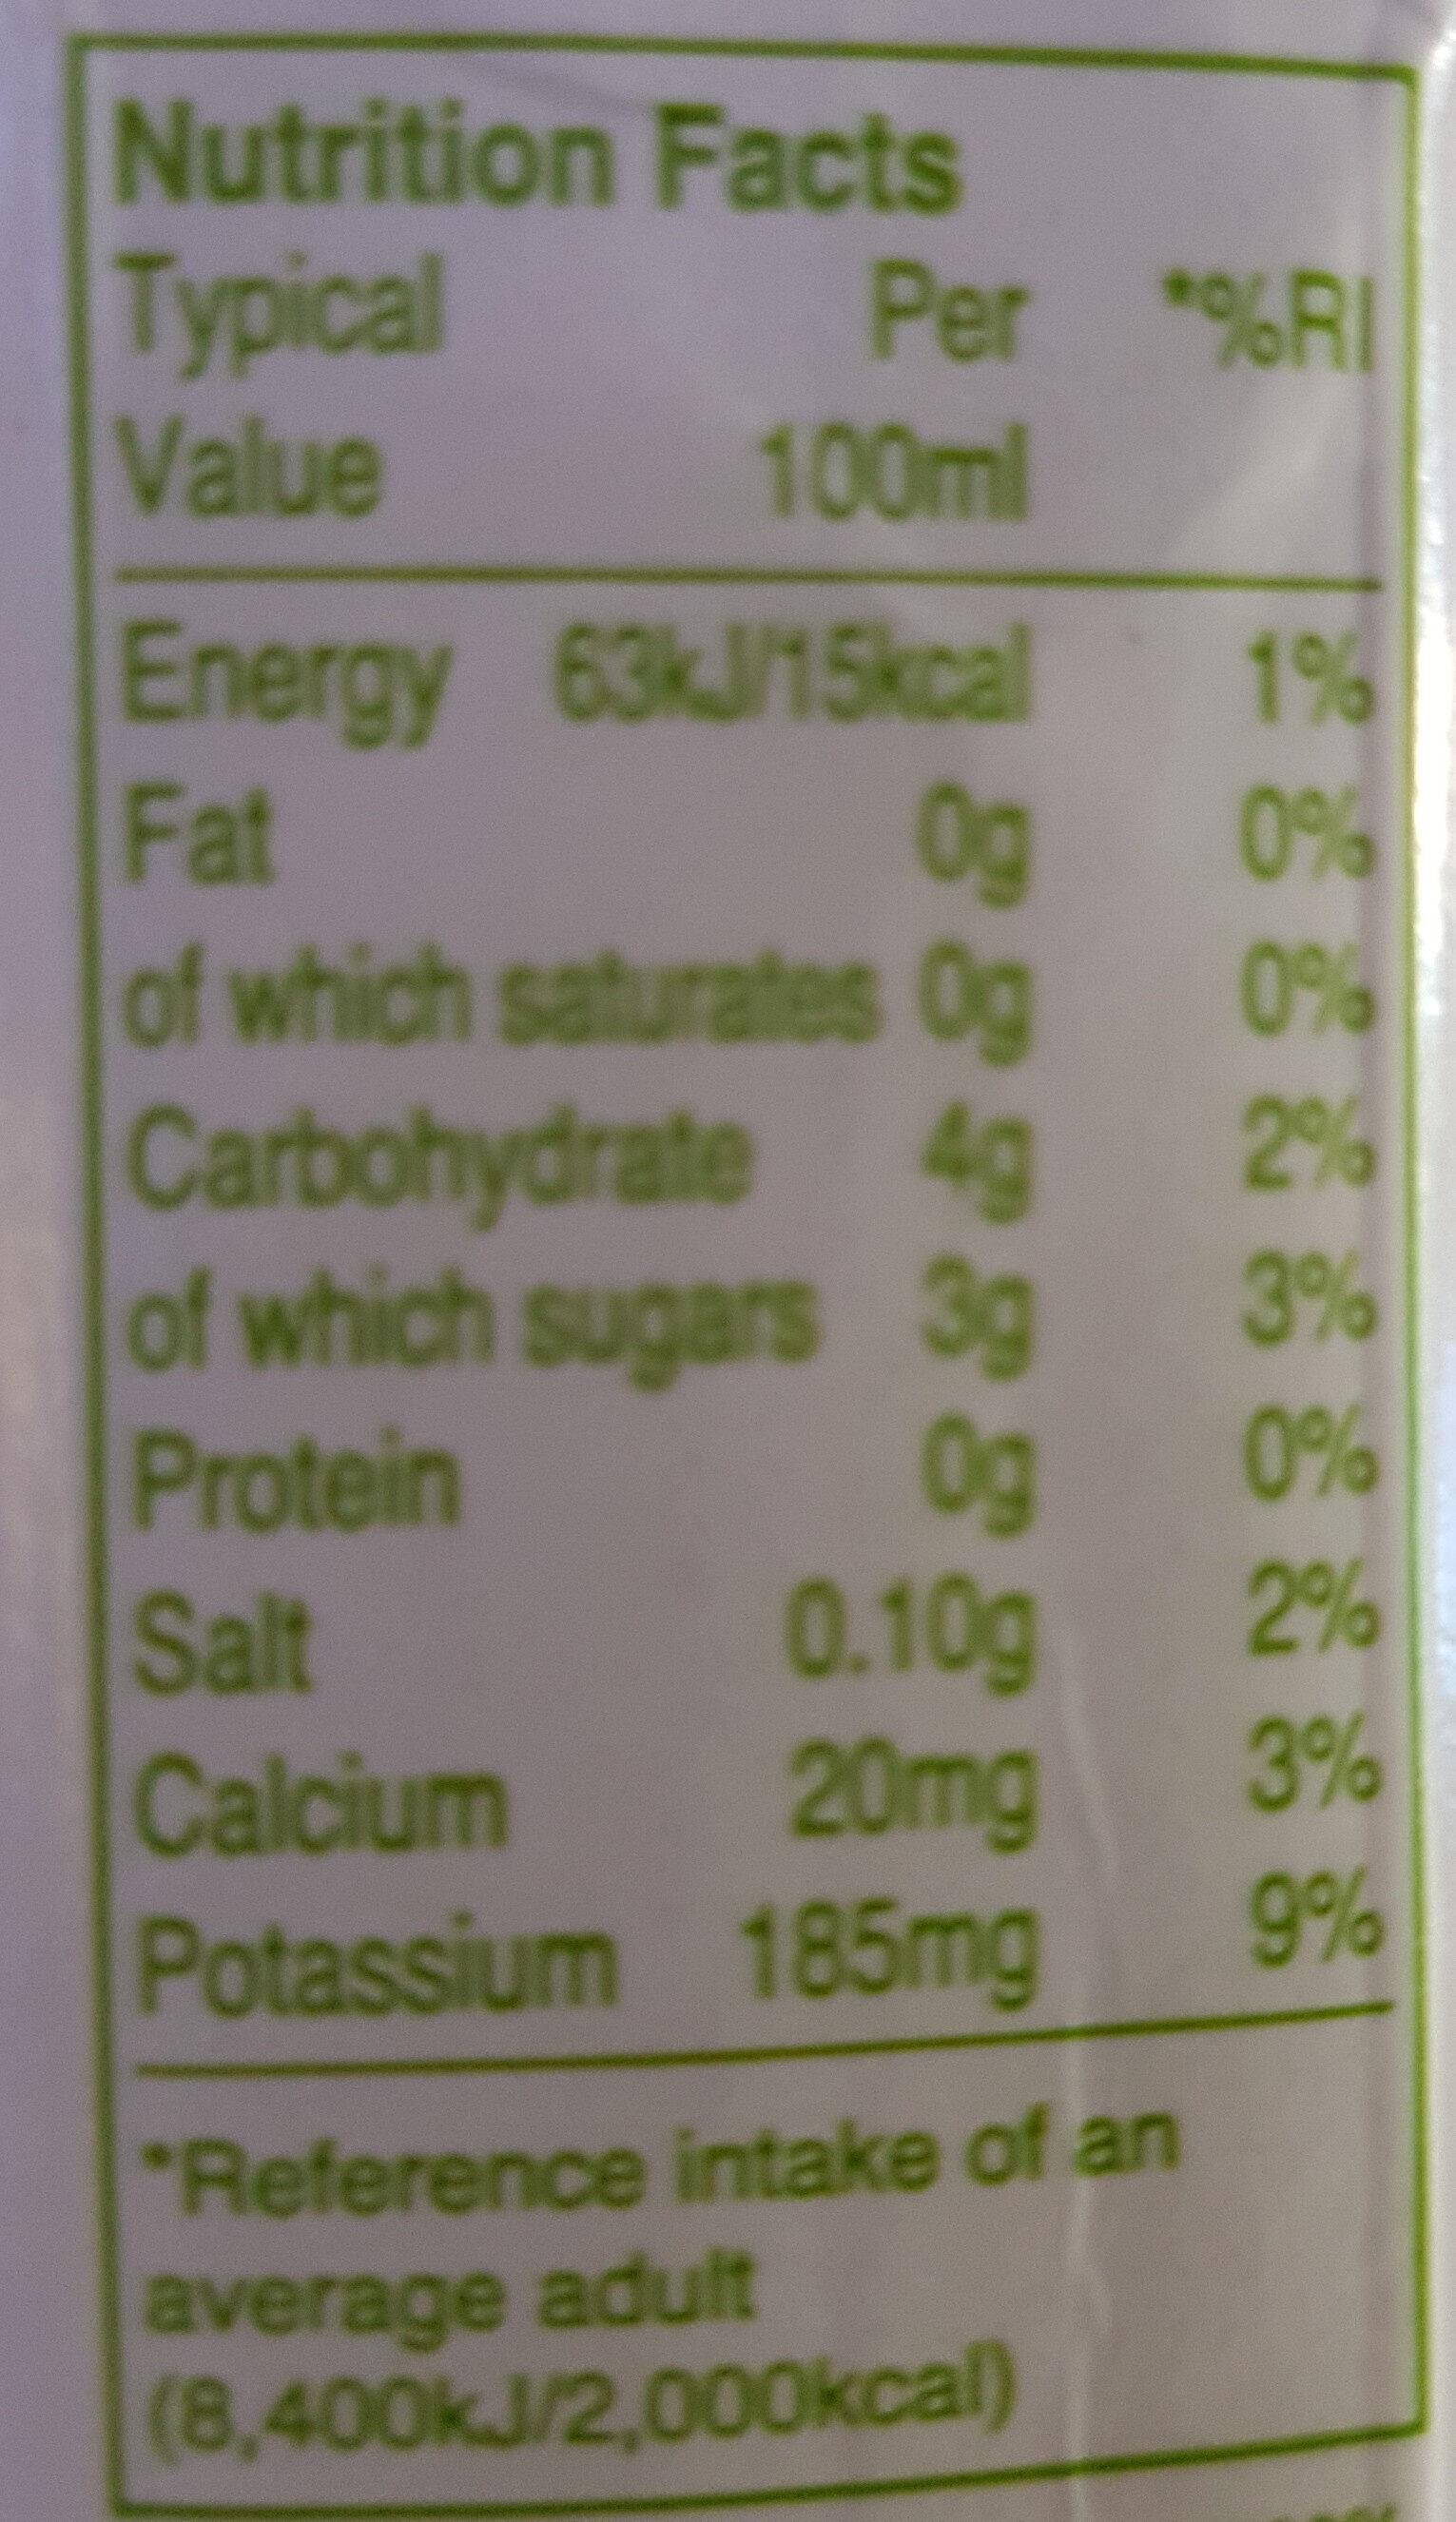 Jax Coco 100% Pure Coconut Water - Nutrition facts - es